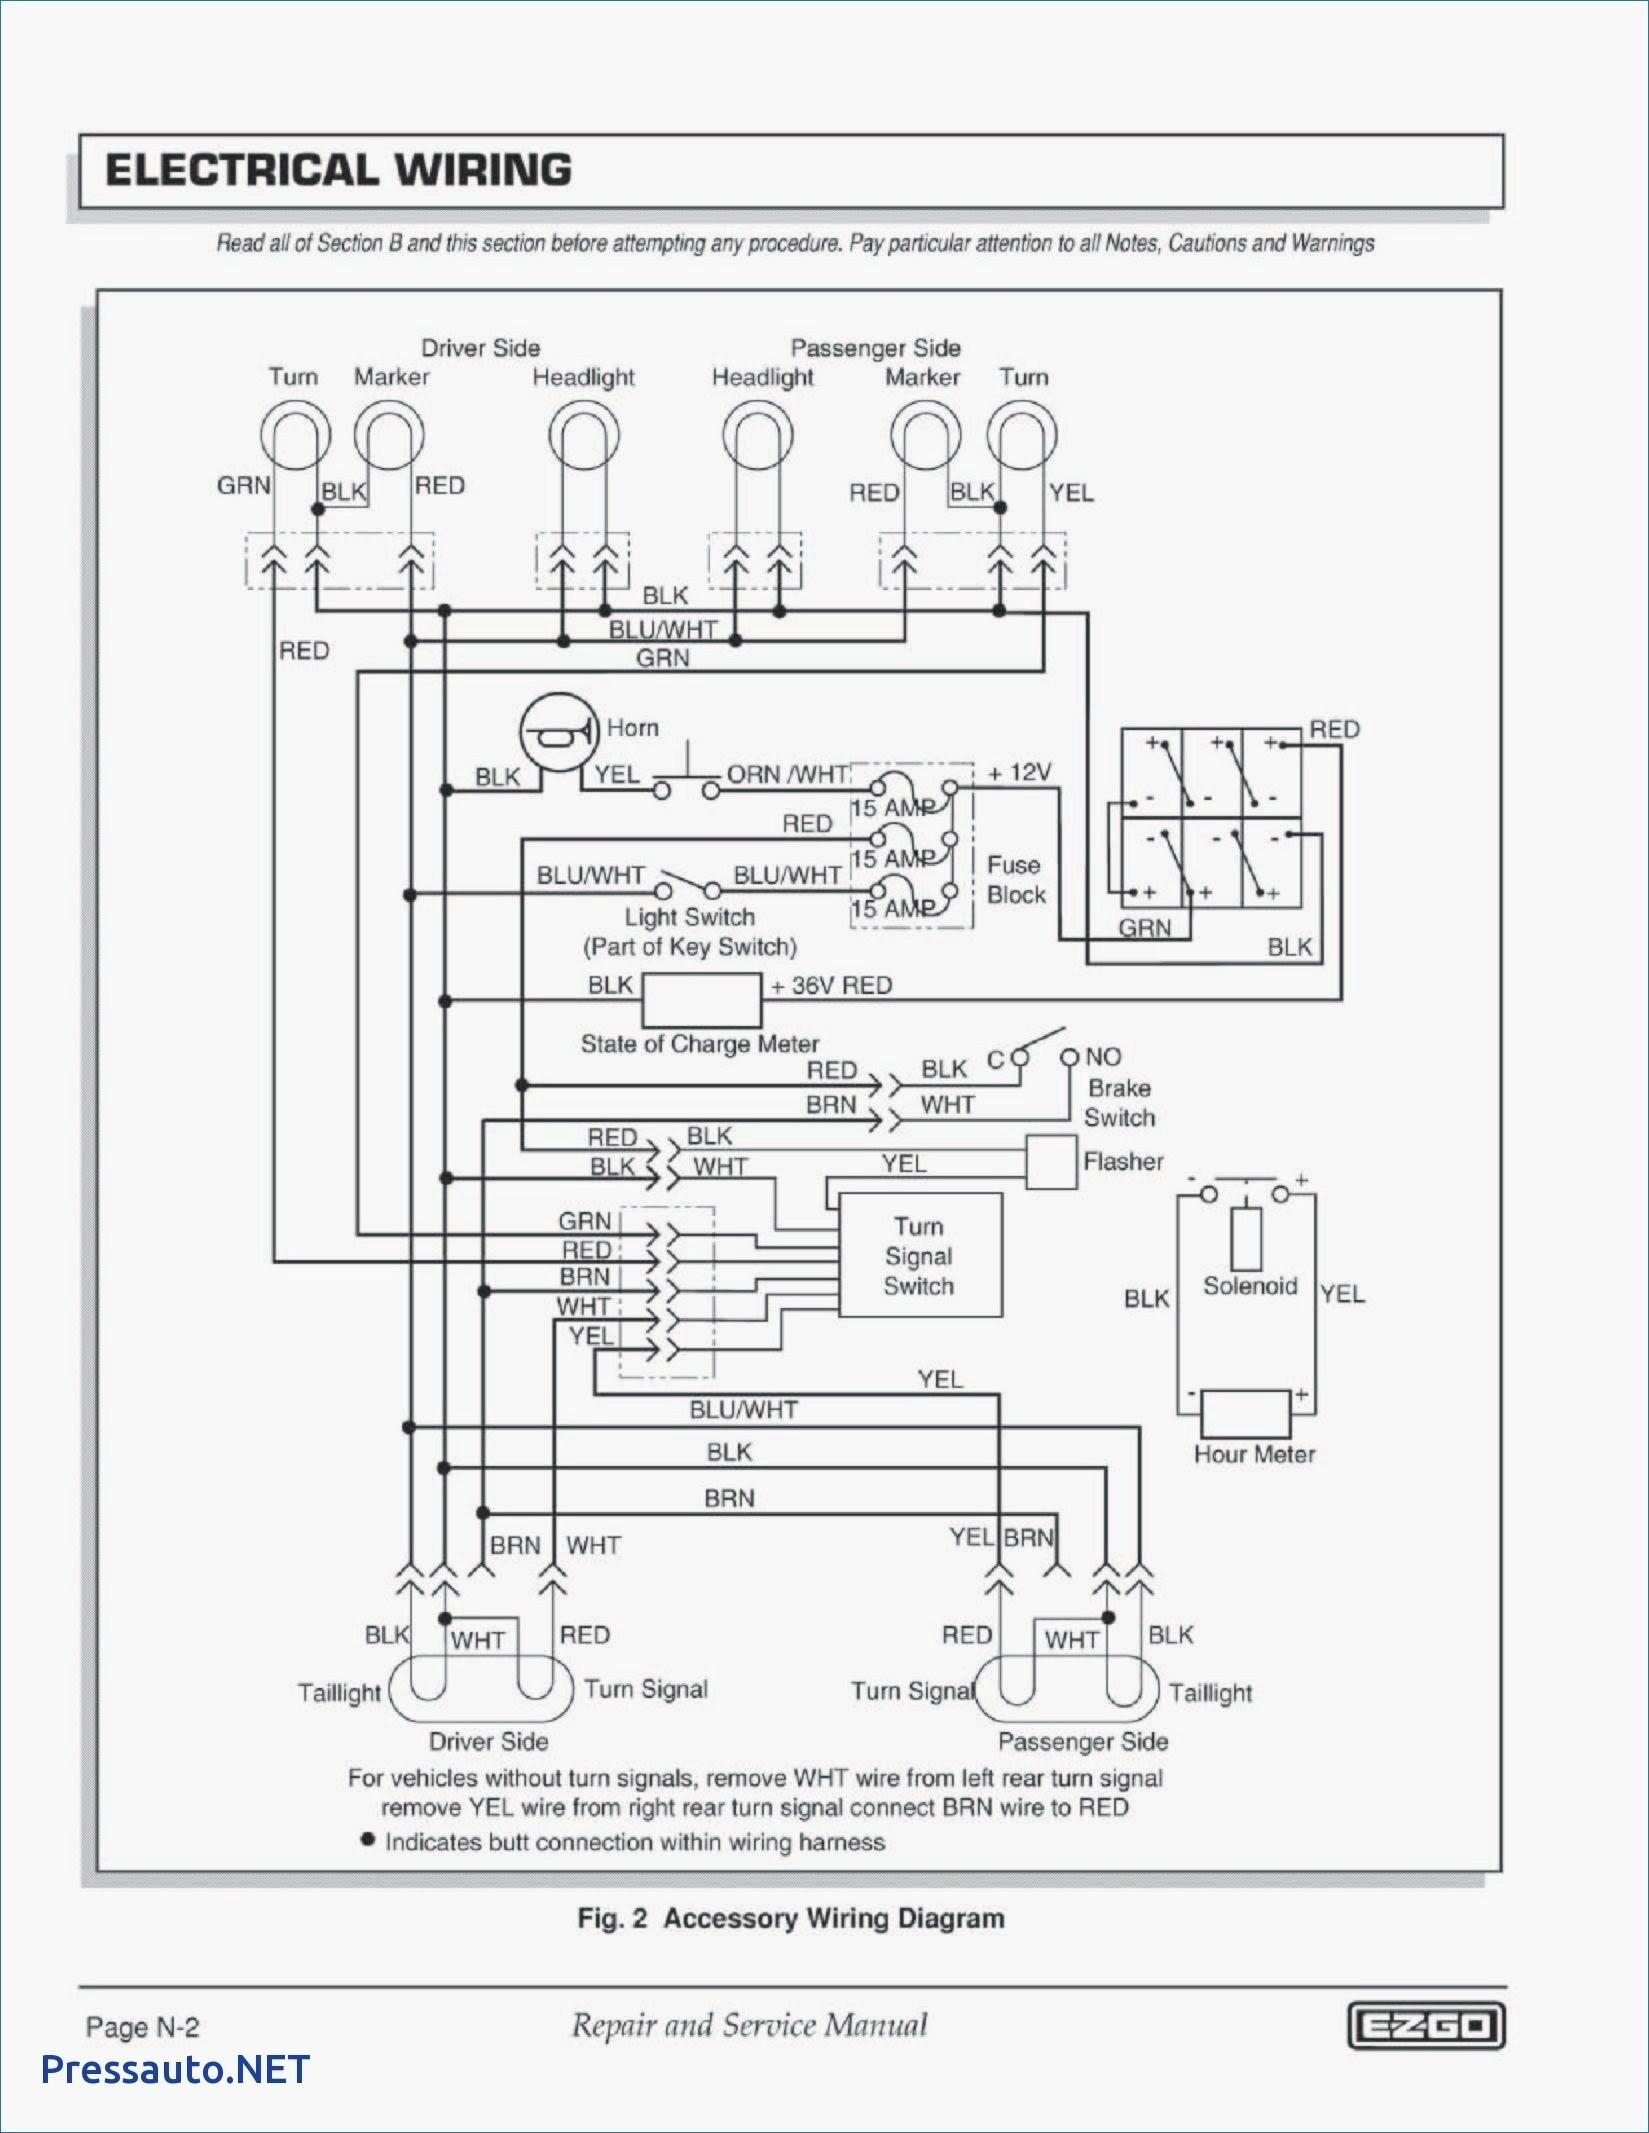 Ez Go Golf Cart Battery Wiring Diagram 97 Ezgo Txt 36v Wiring Diagram Get Free Image About Wiring Diagram Of Ez Go Golf Cart Battery Wiring Diagram